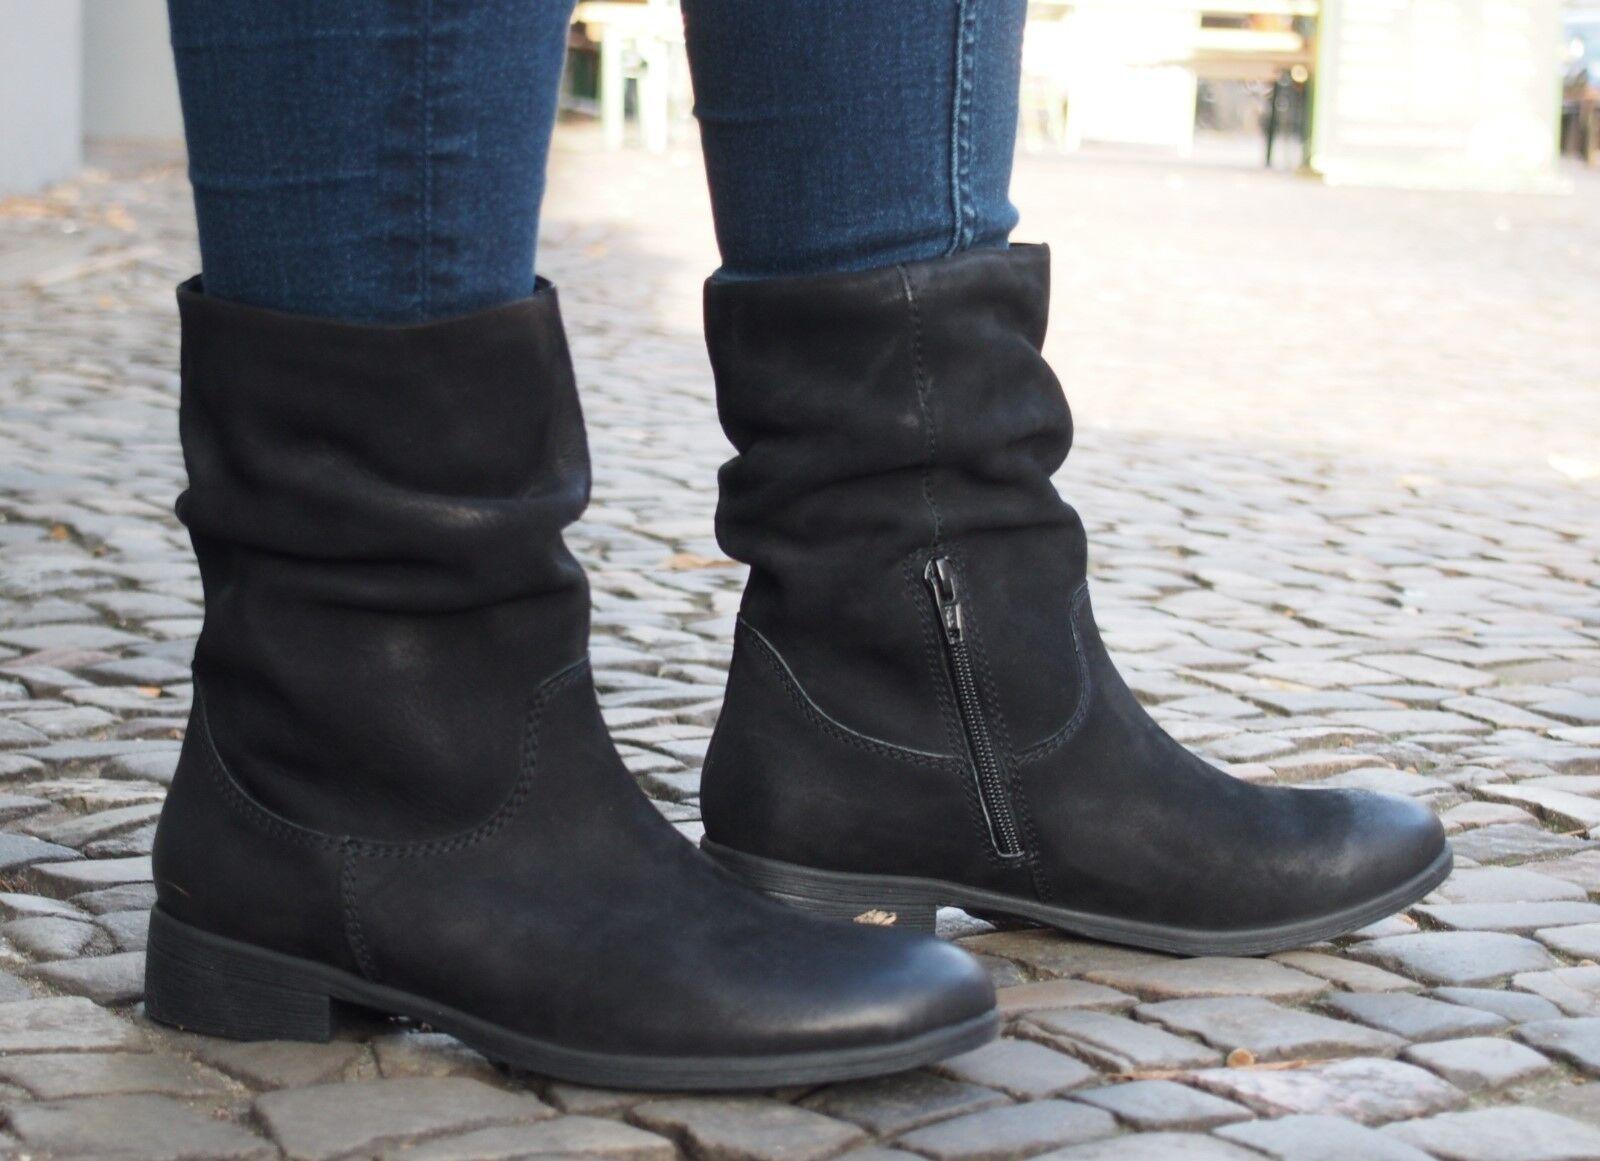 SPM Winterschuhe 12532879 black mollis Echtleder Damenschuhe Stiefeletten NEU 37